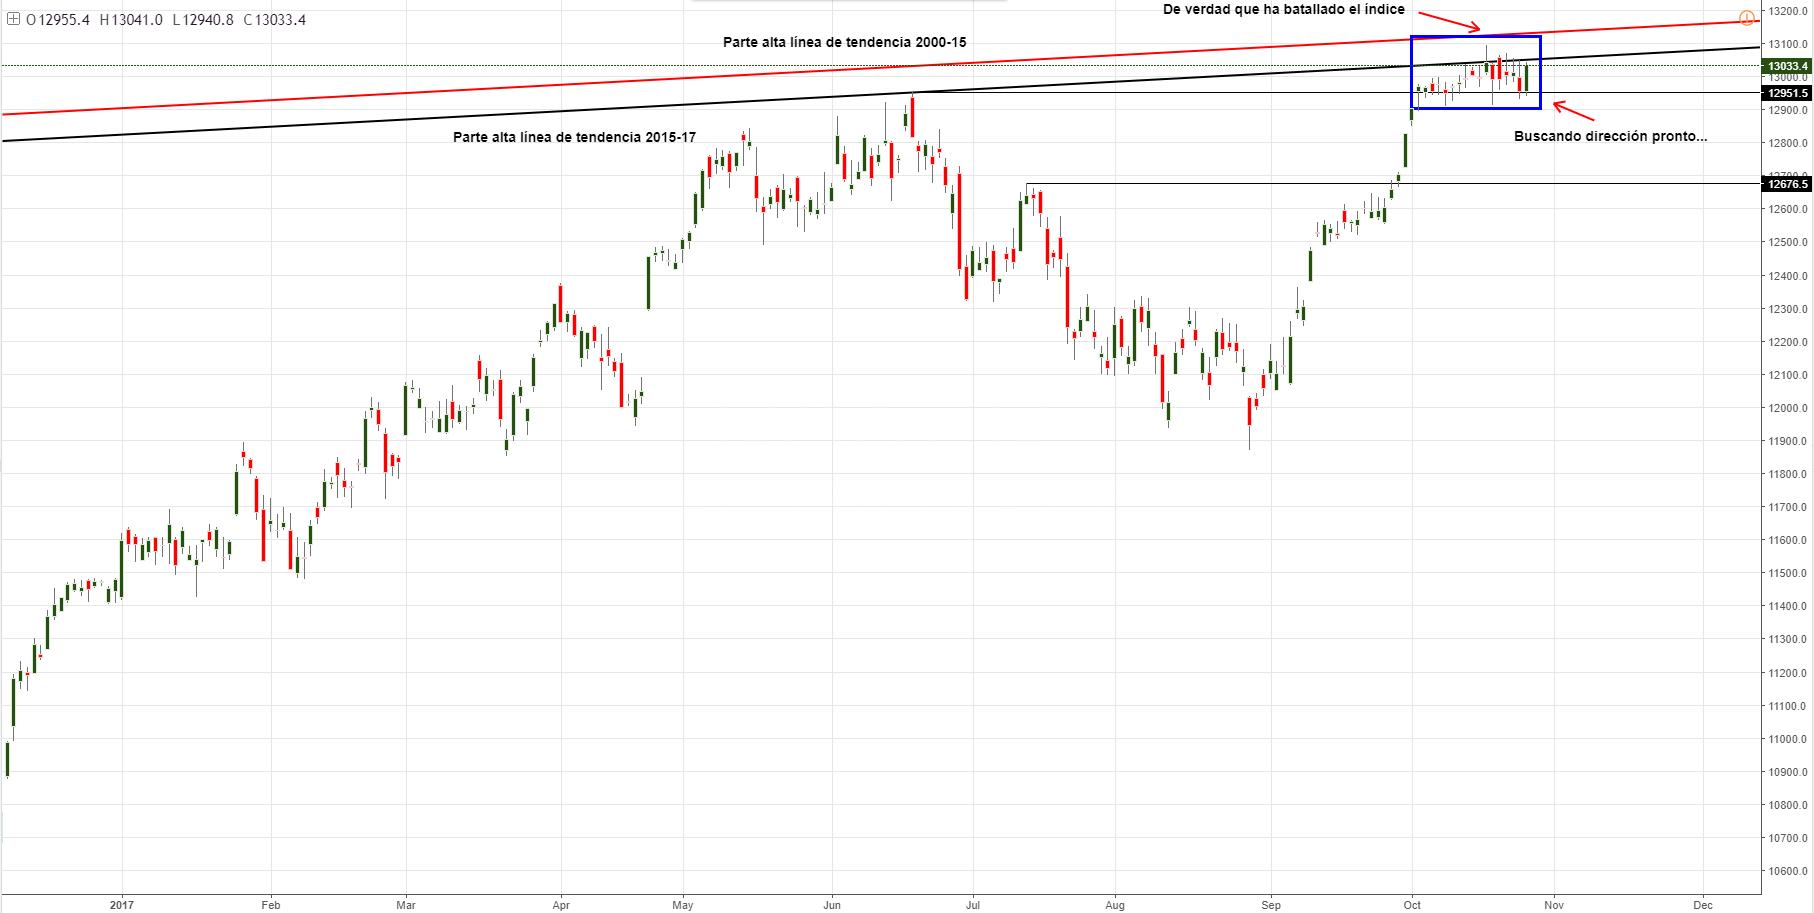 DAX 30: ¿Consolidación o el índice ha llegado a su punto máximo? El BCE podría determinar su suerte